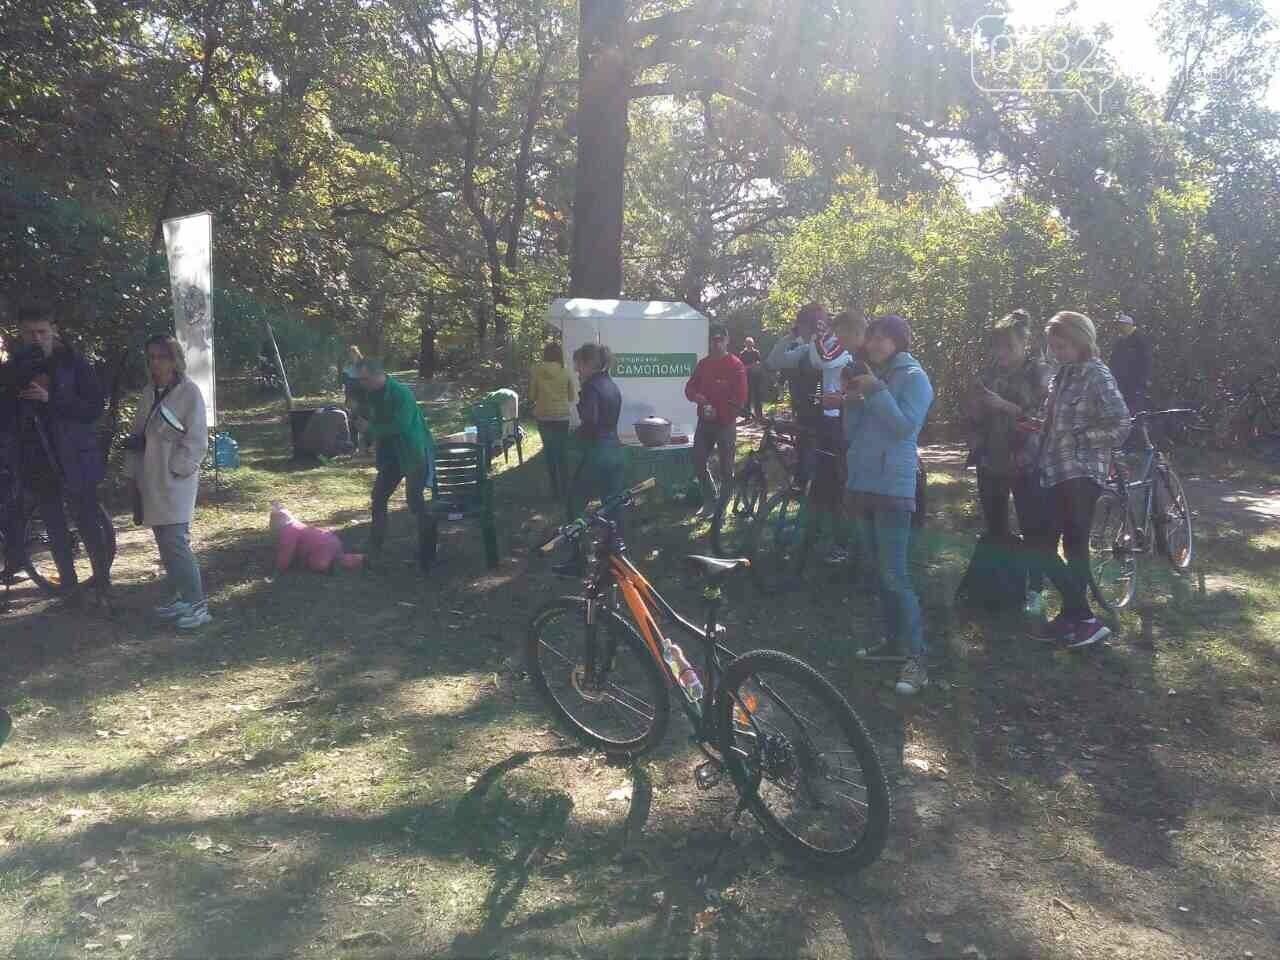 Драйвова субота: у Дендропарку полтавці на велосипедах розгадують квест з кашею та глінтвейном, фото-5